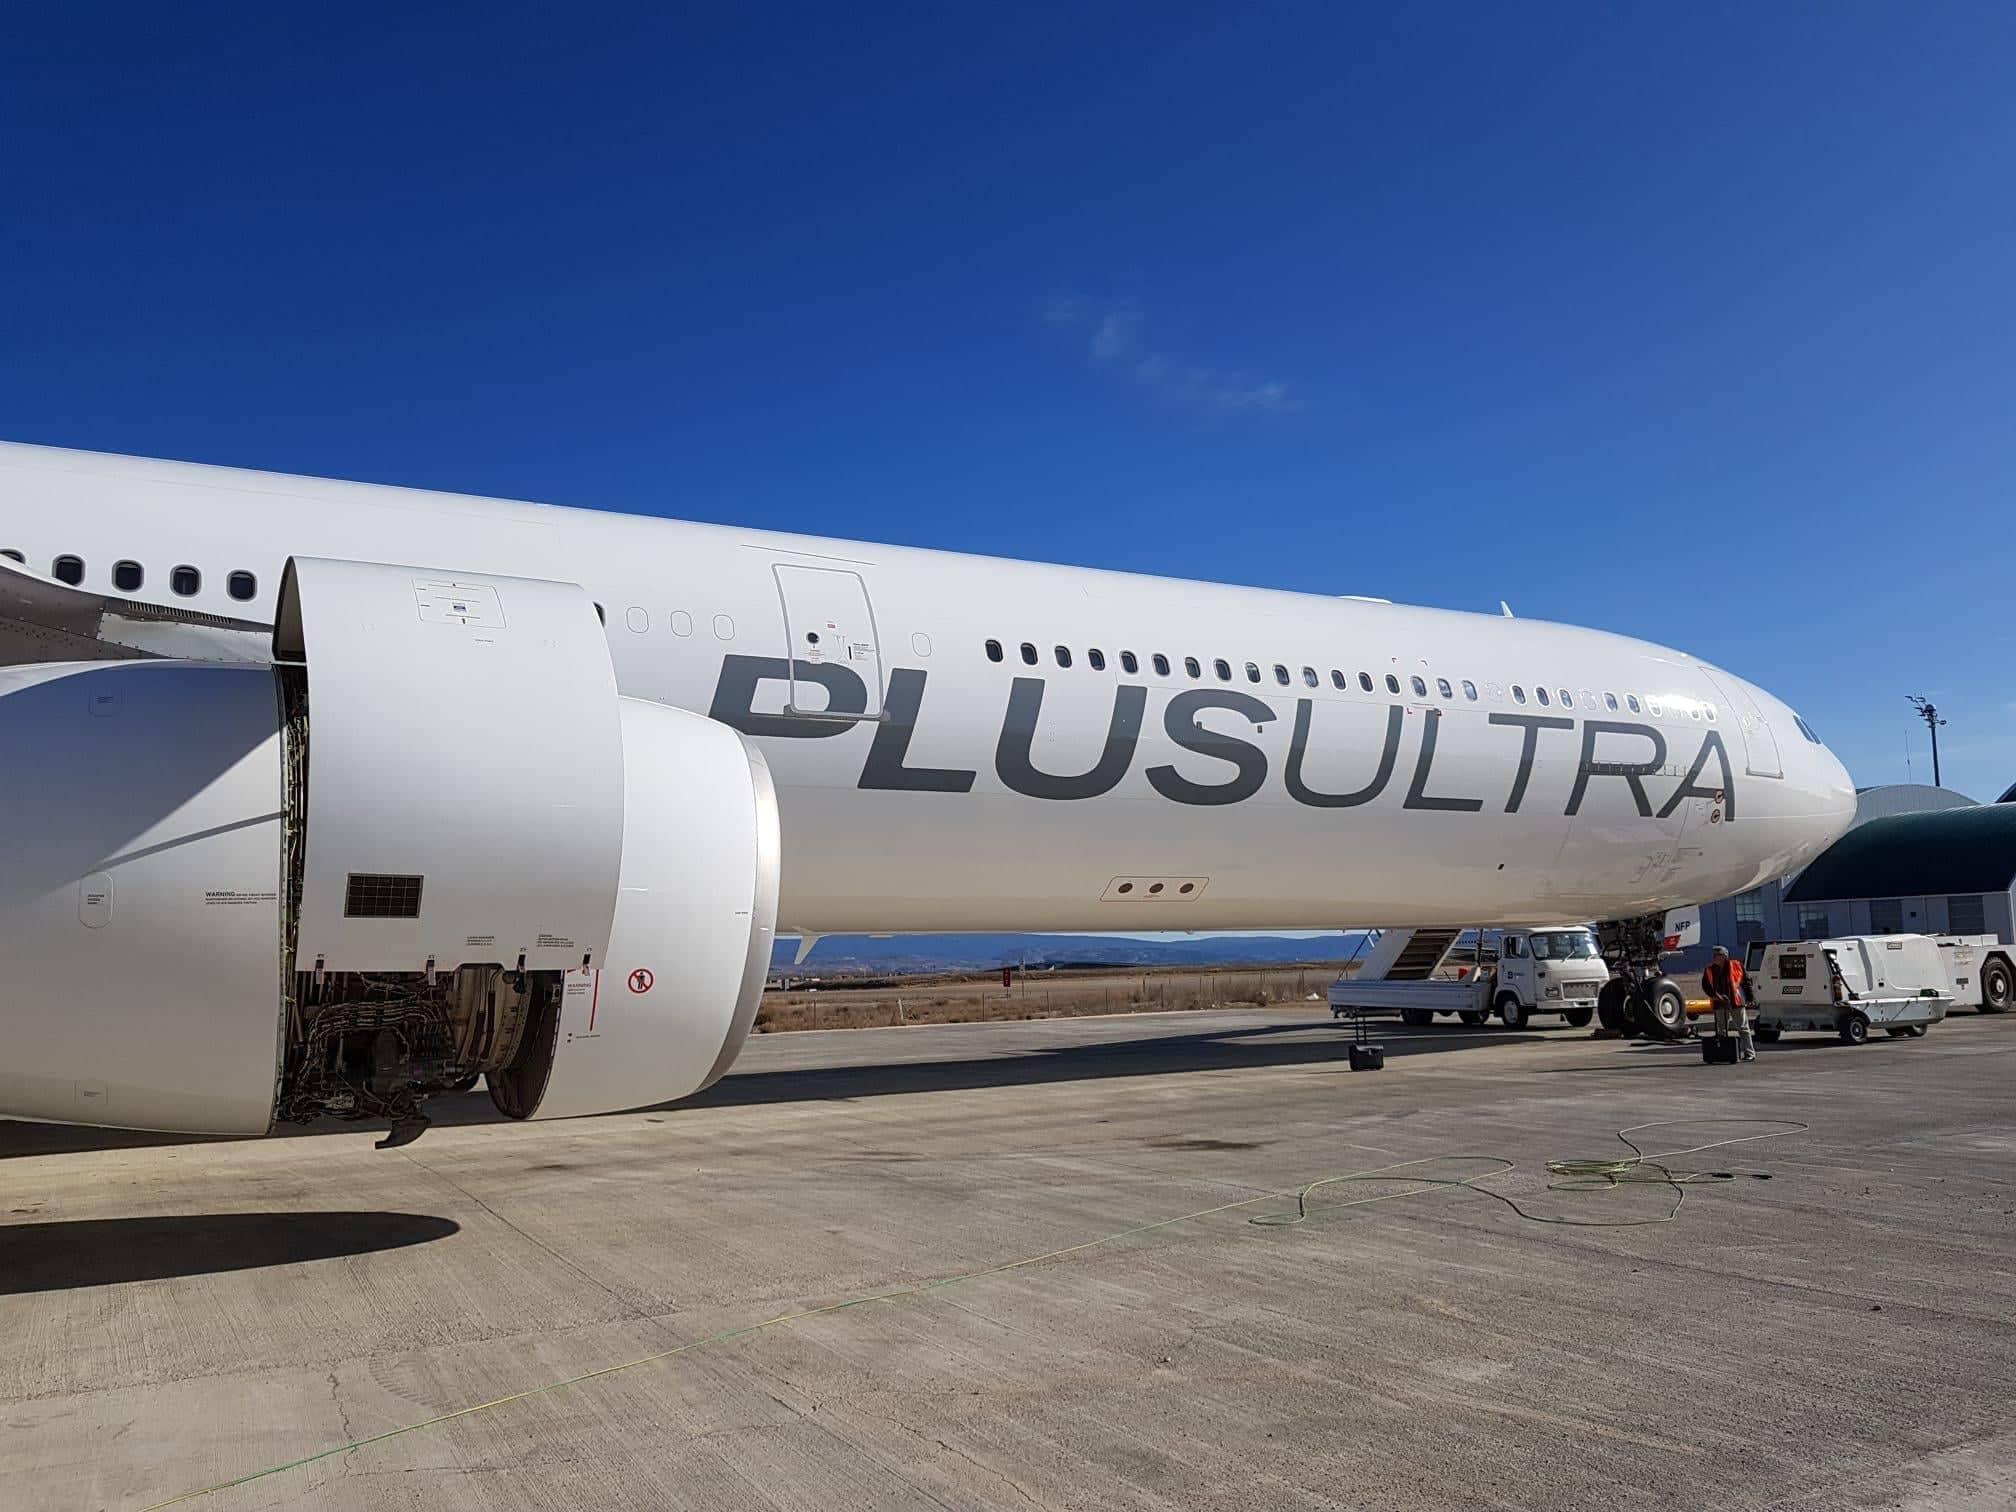 Resultado de imagen para plus ultra A340-600